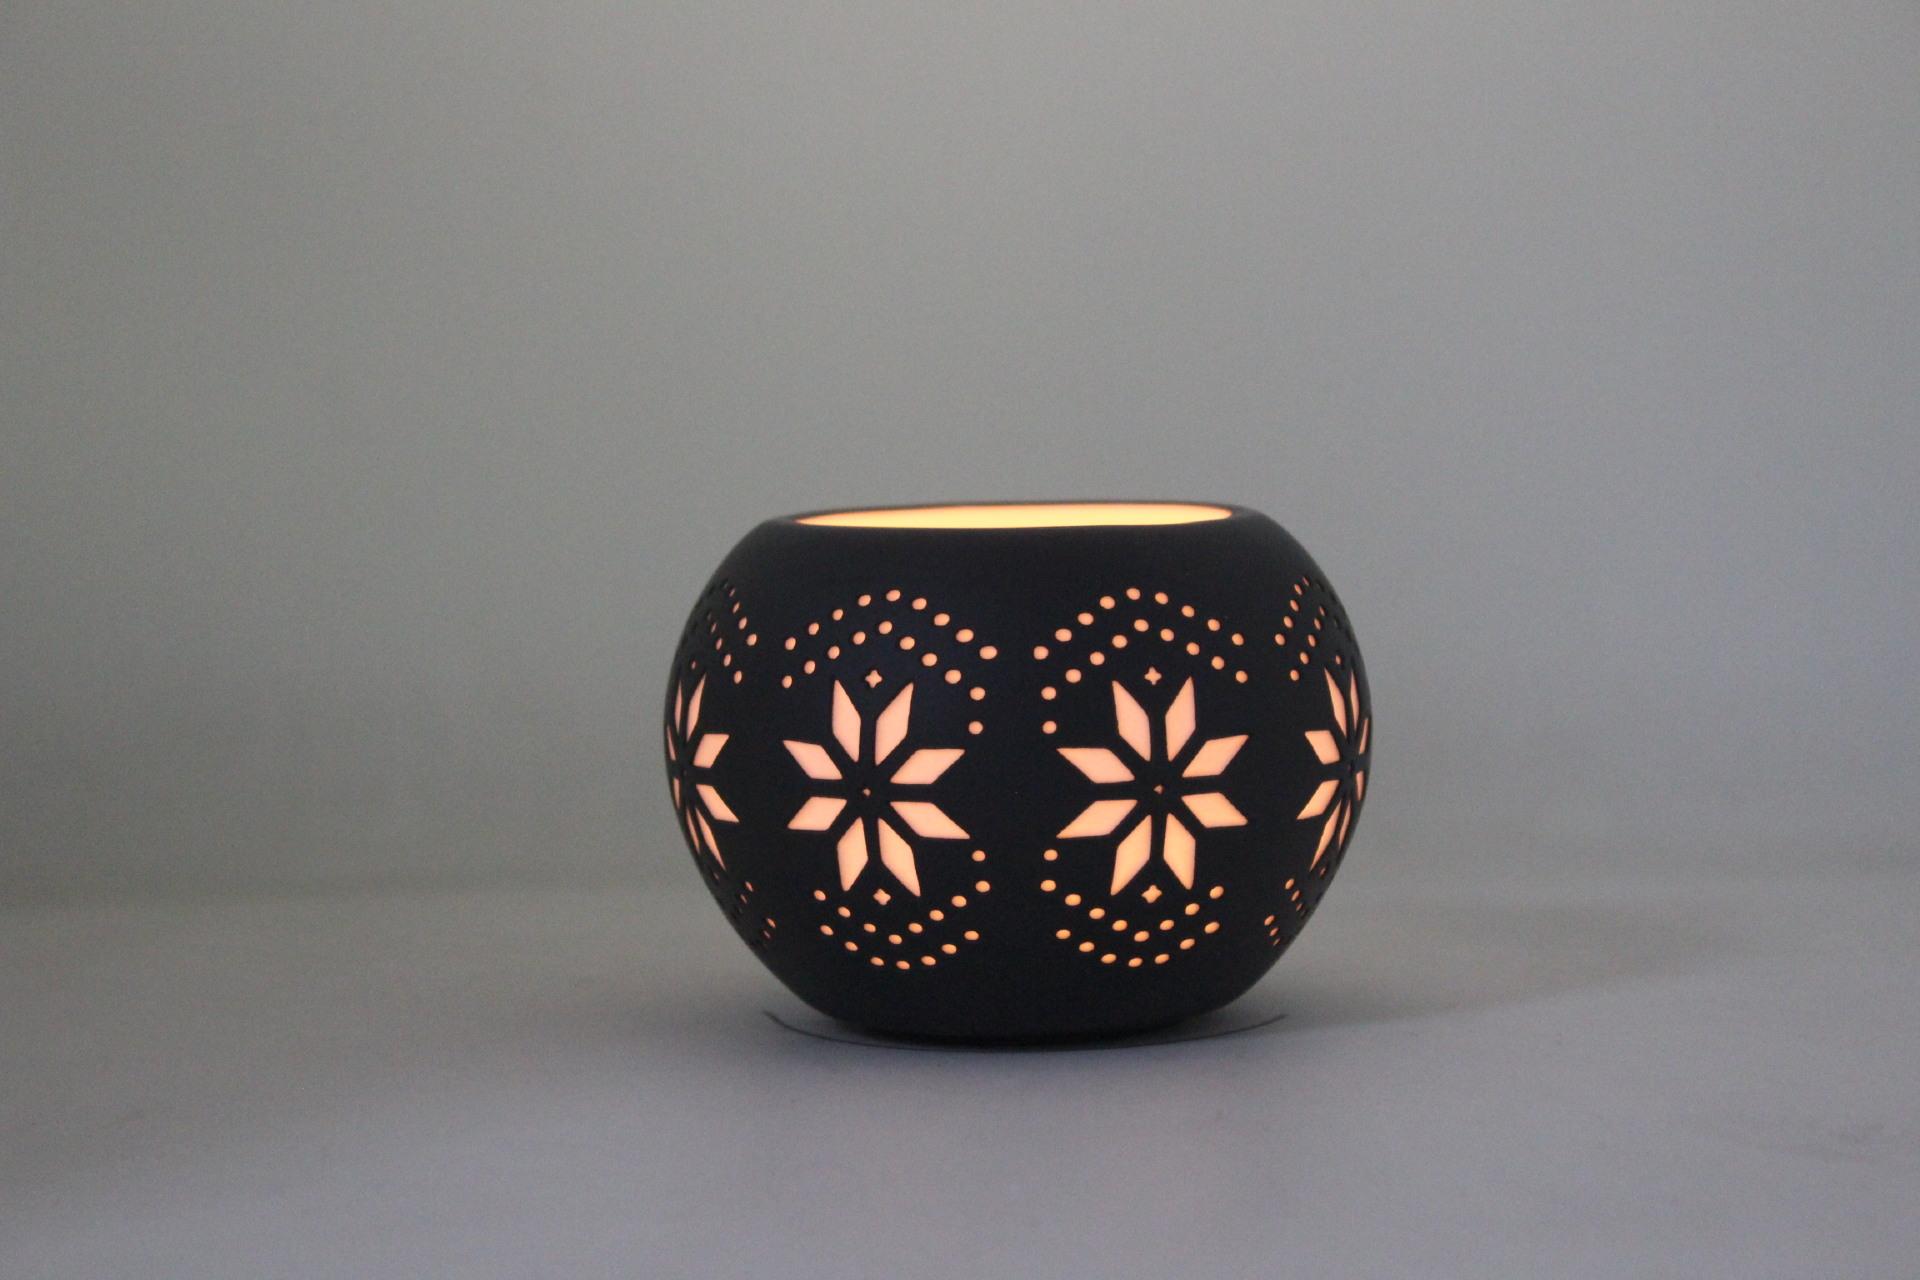 陶瓷燭台 PP17009B